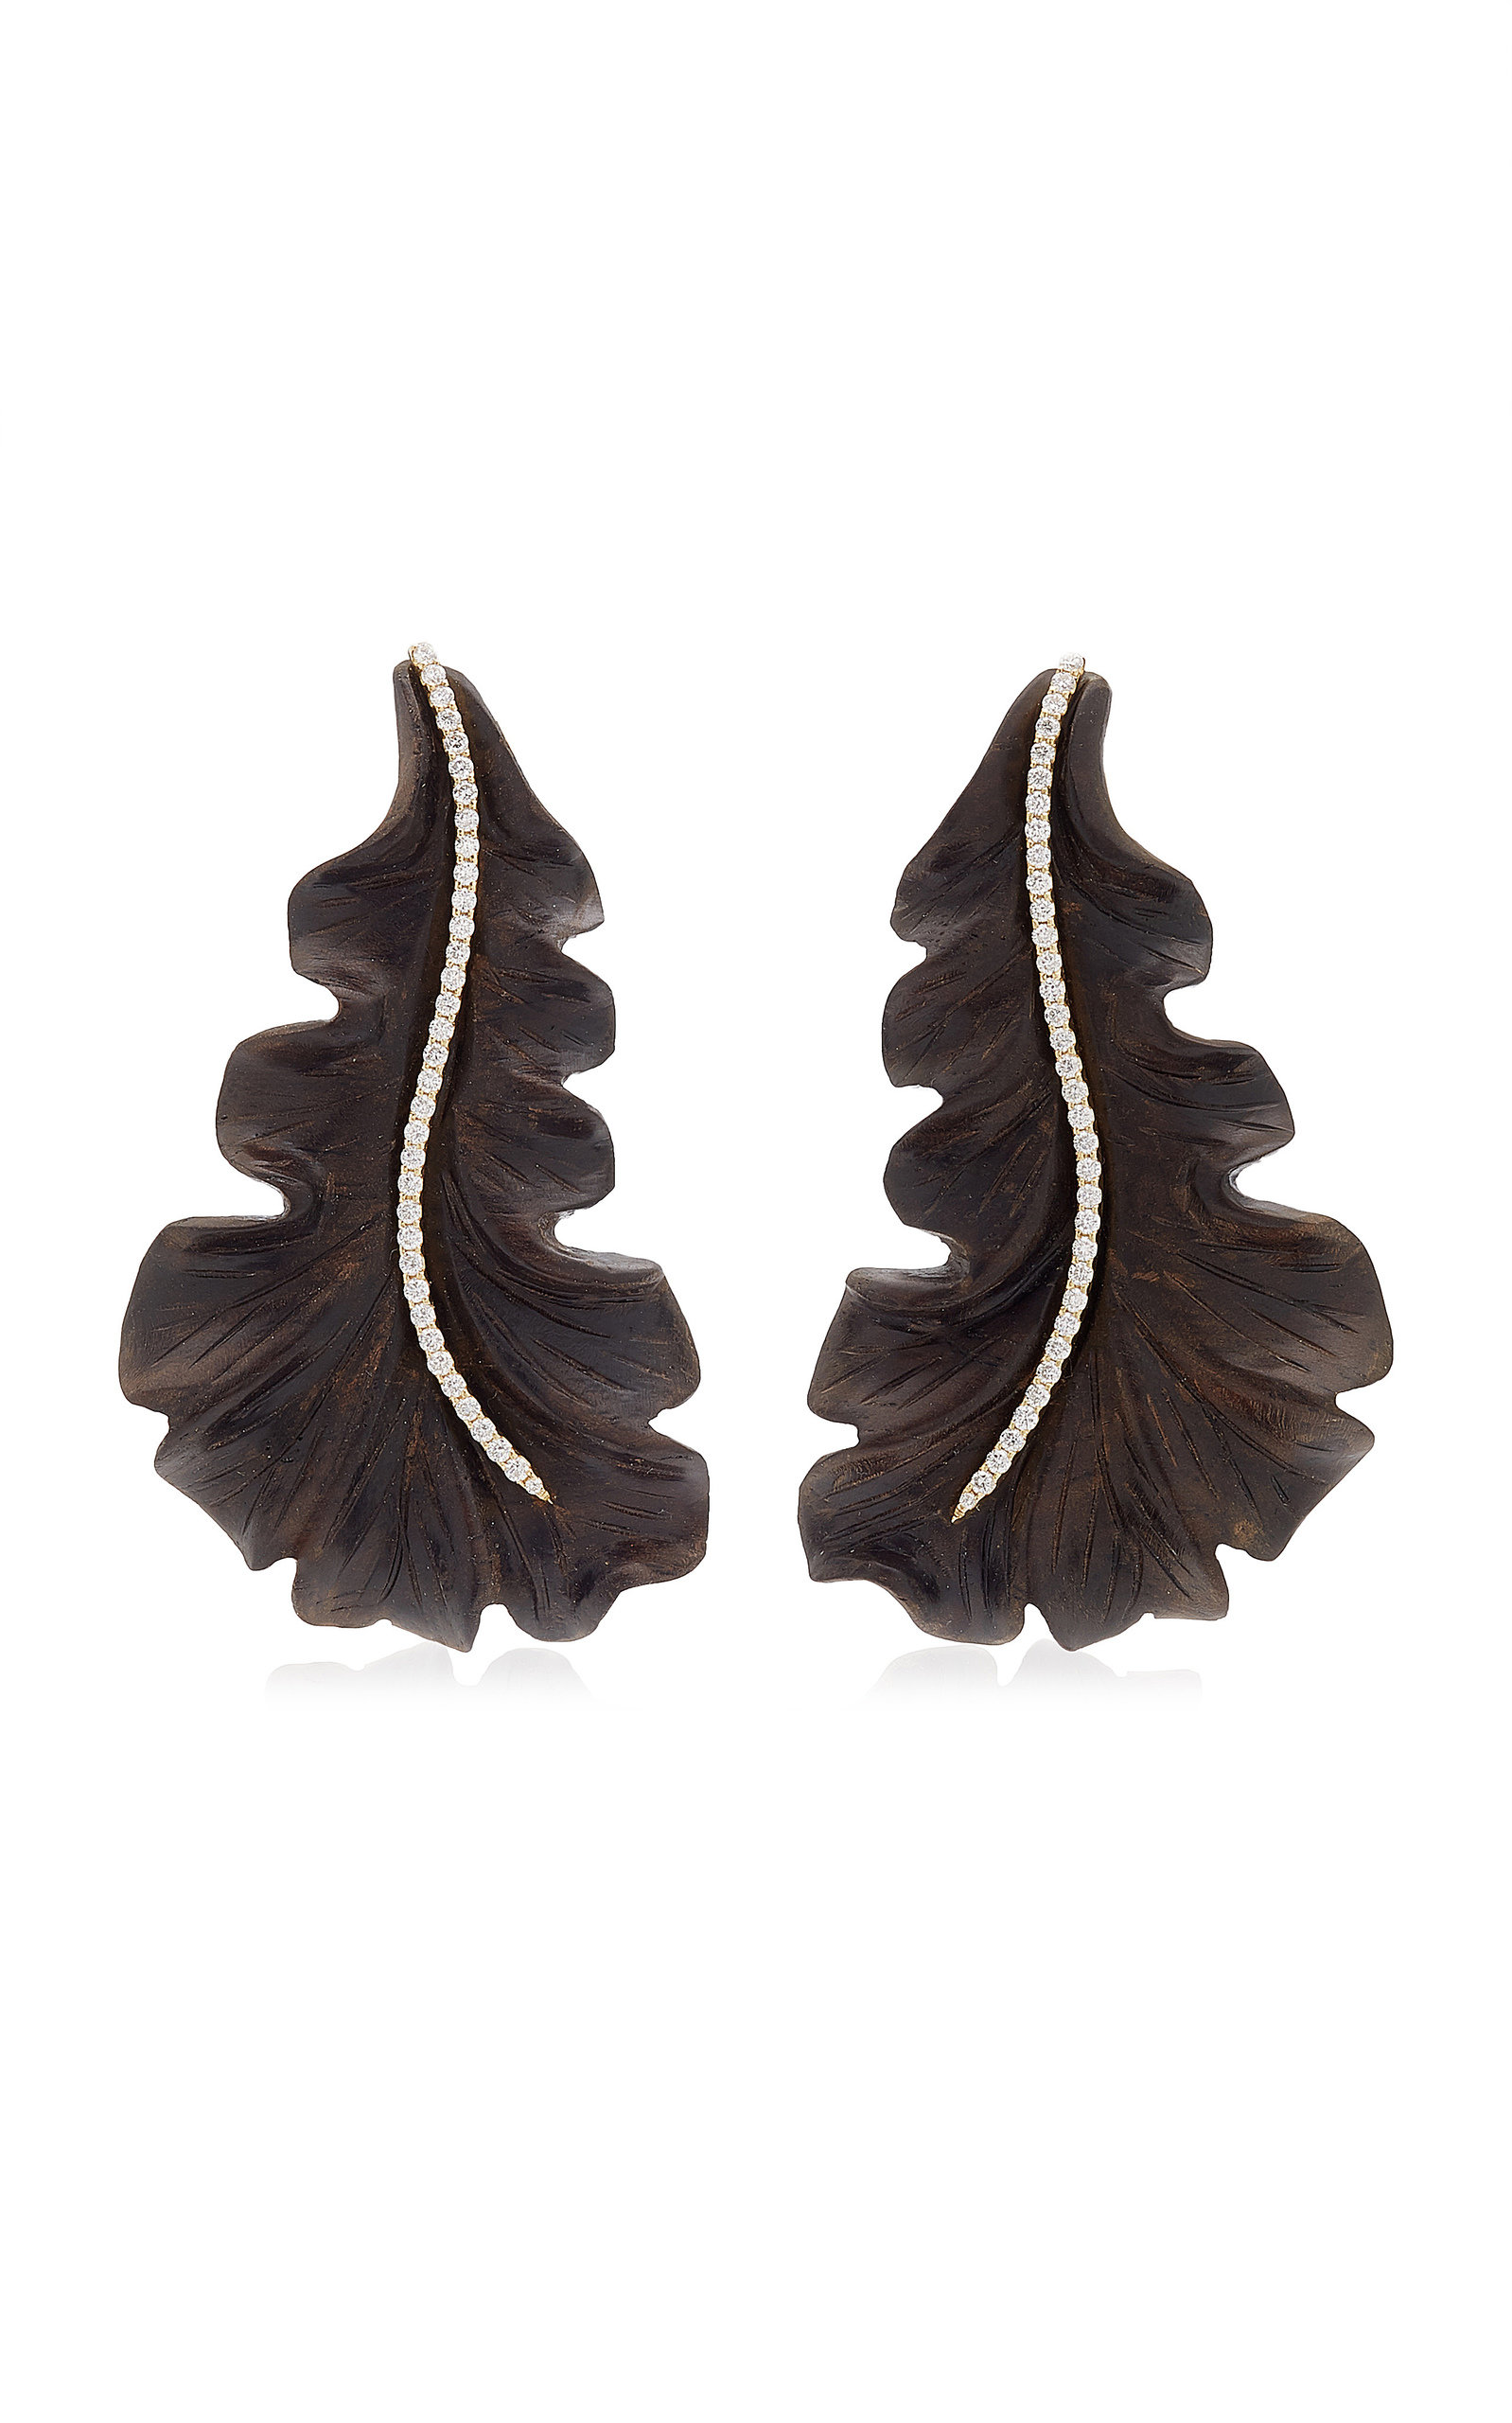 Casa Castro - Women's Leaf 18K Yellow Gold Ebony; Diamond Earrings - Brown - Moda Operandi